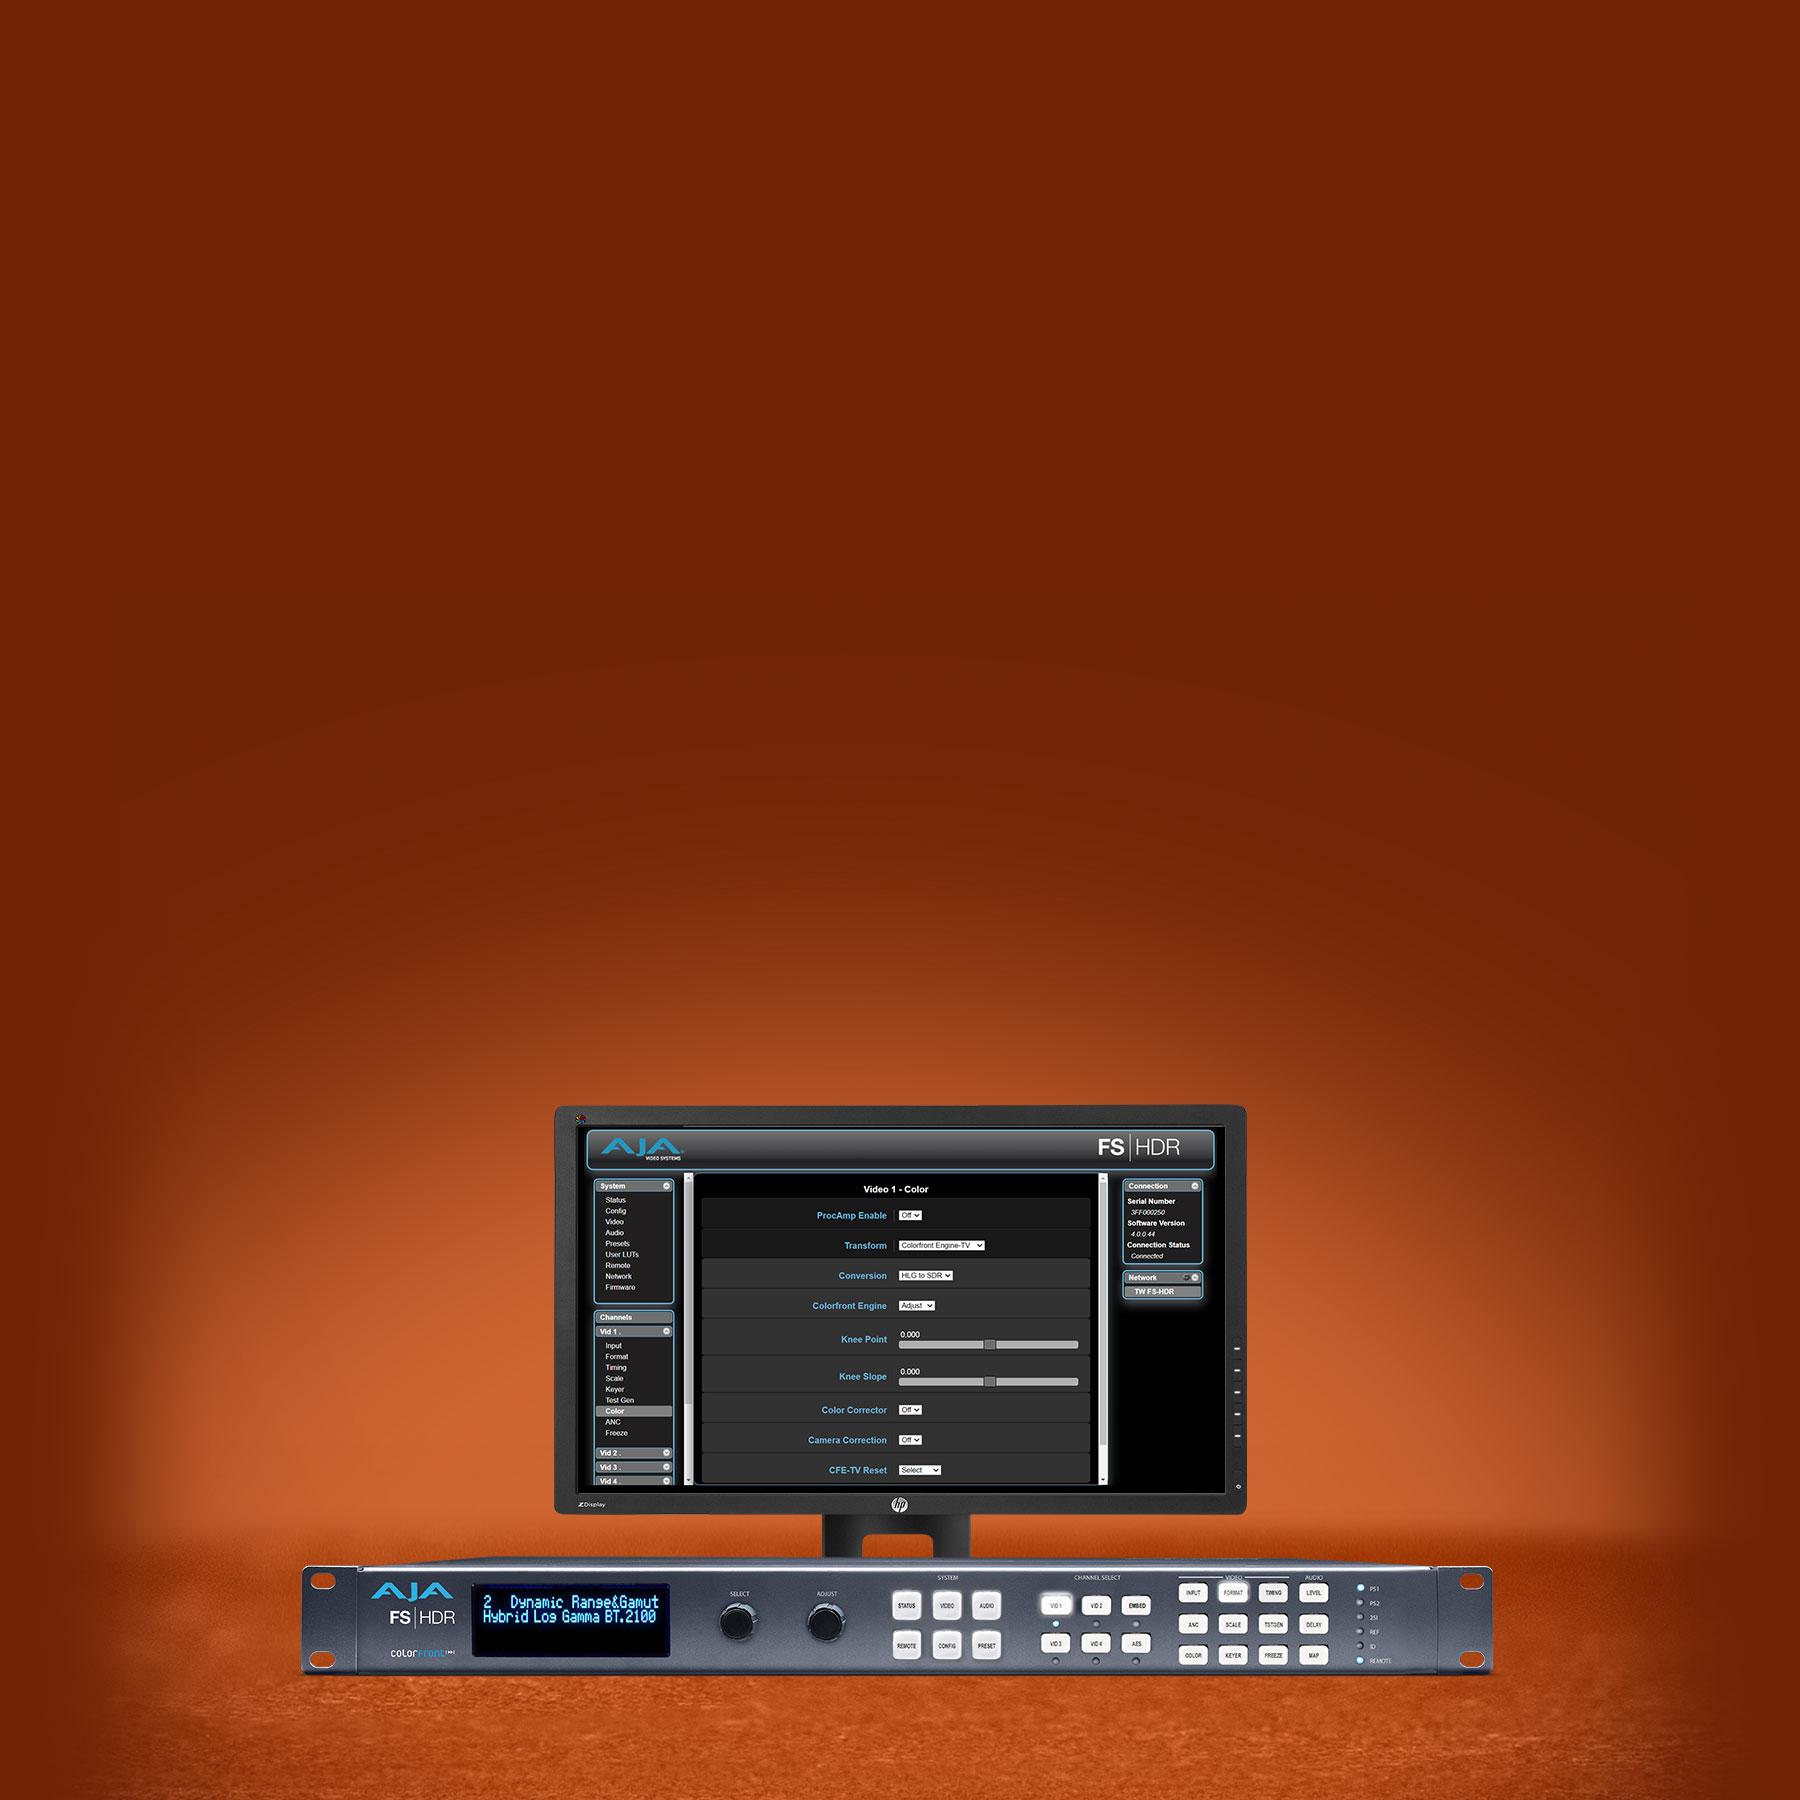 FS-HDR v4.0